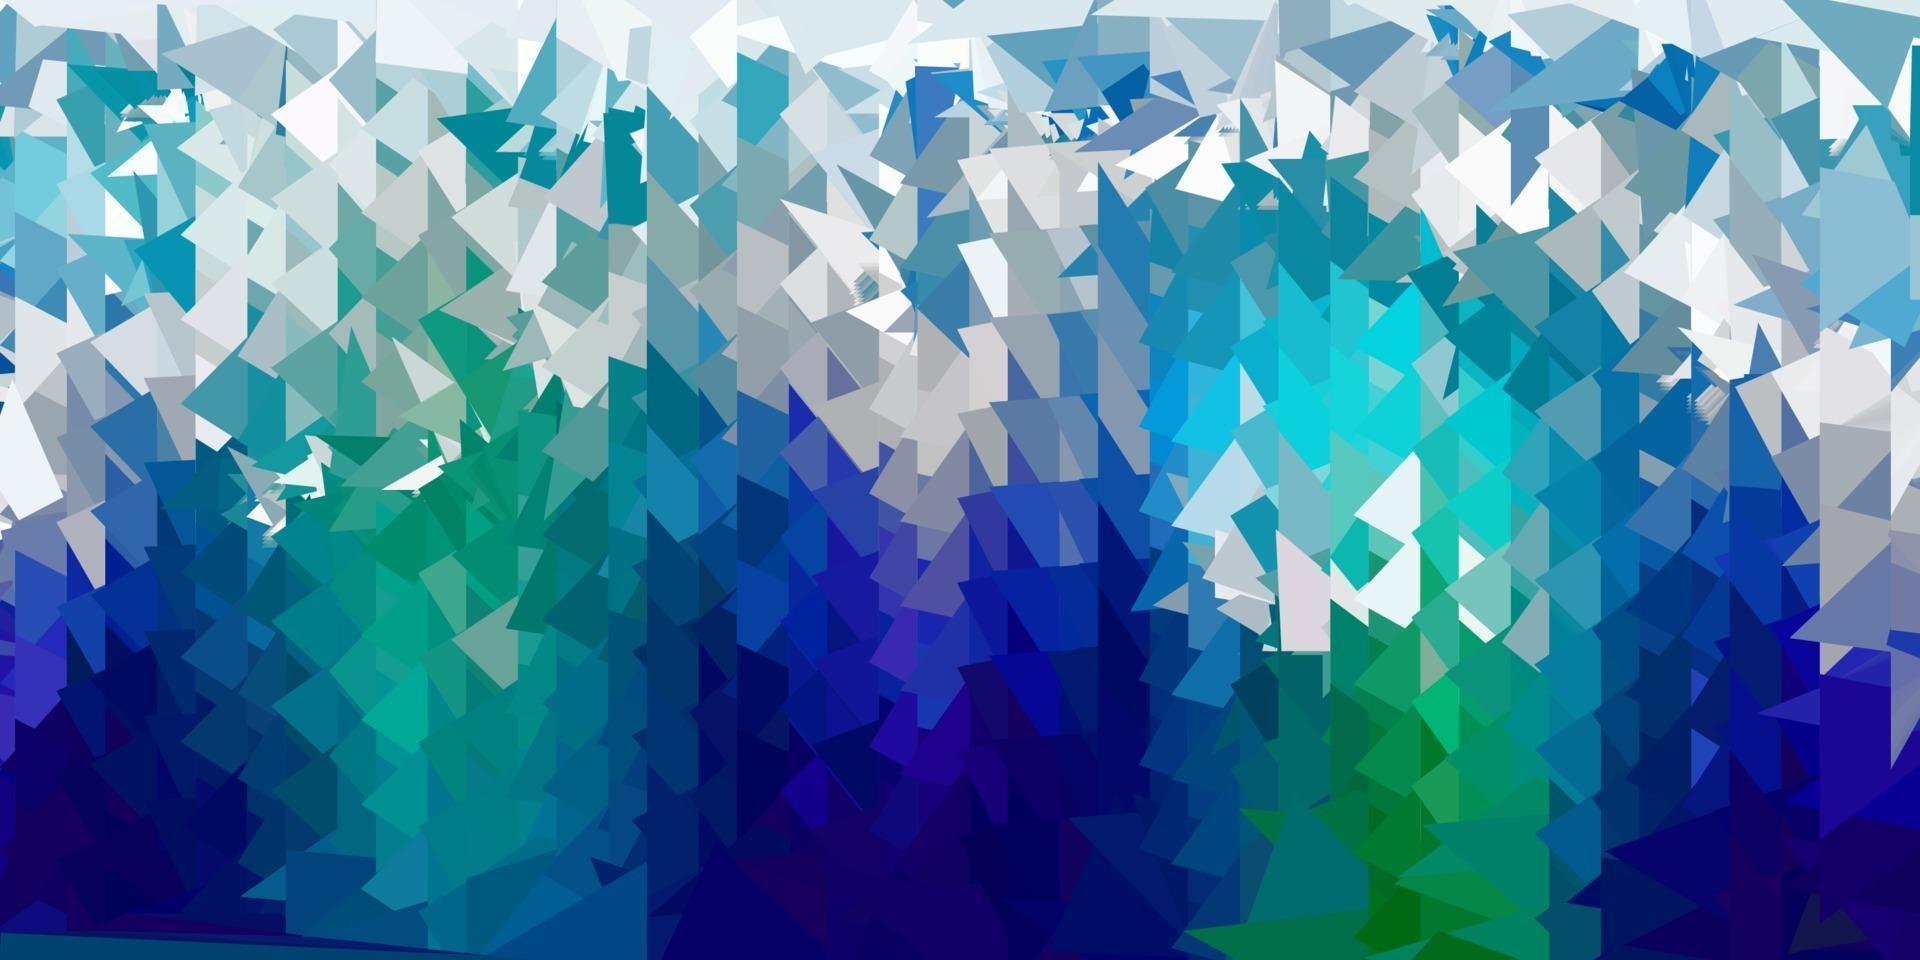 diseño de polígono degradado vectorial azul oscuro, verde. vector